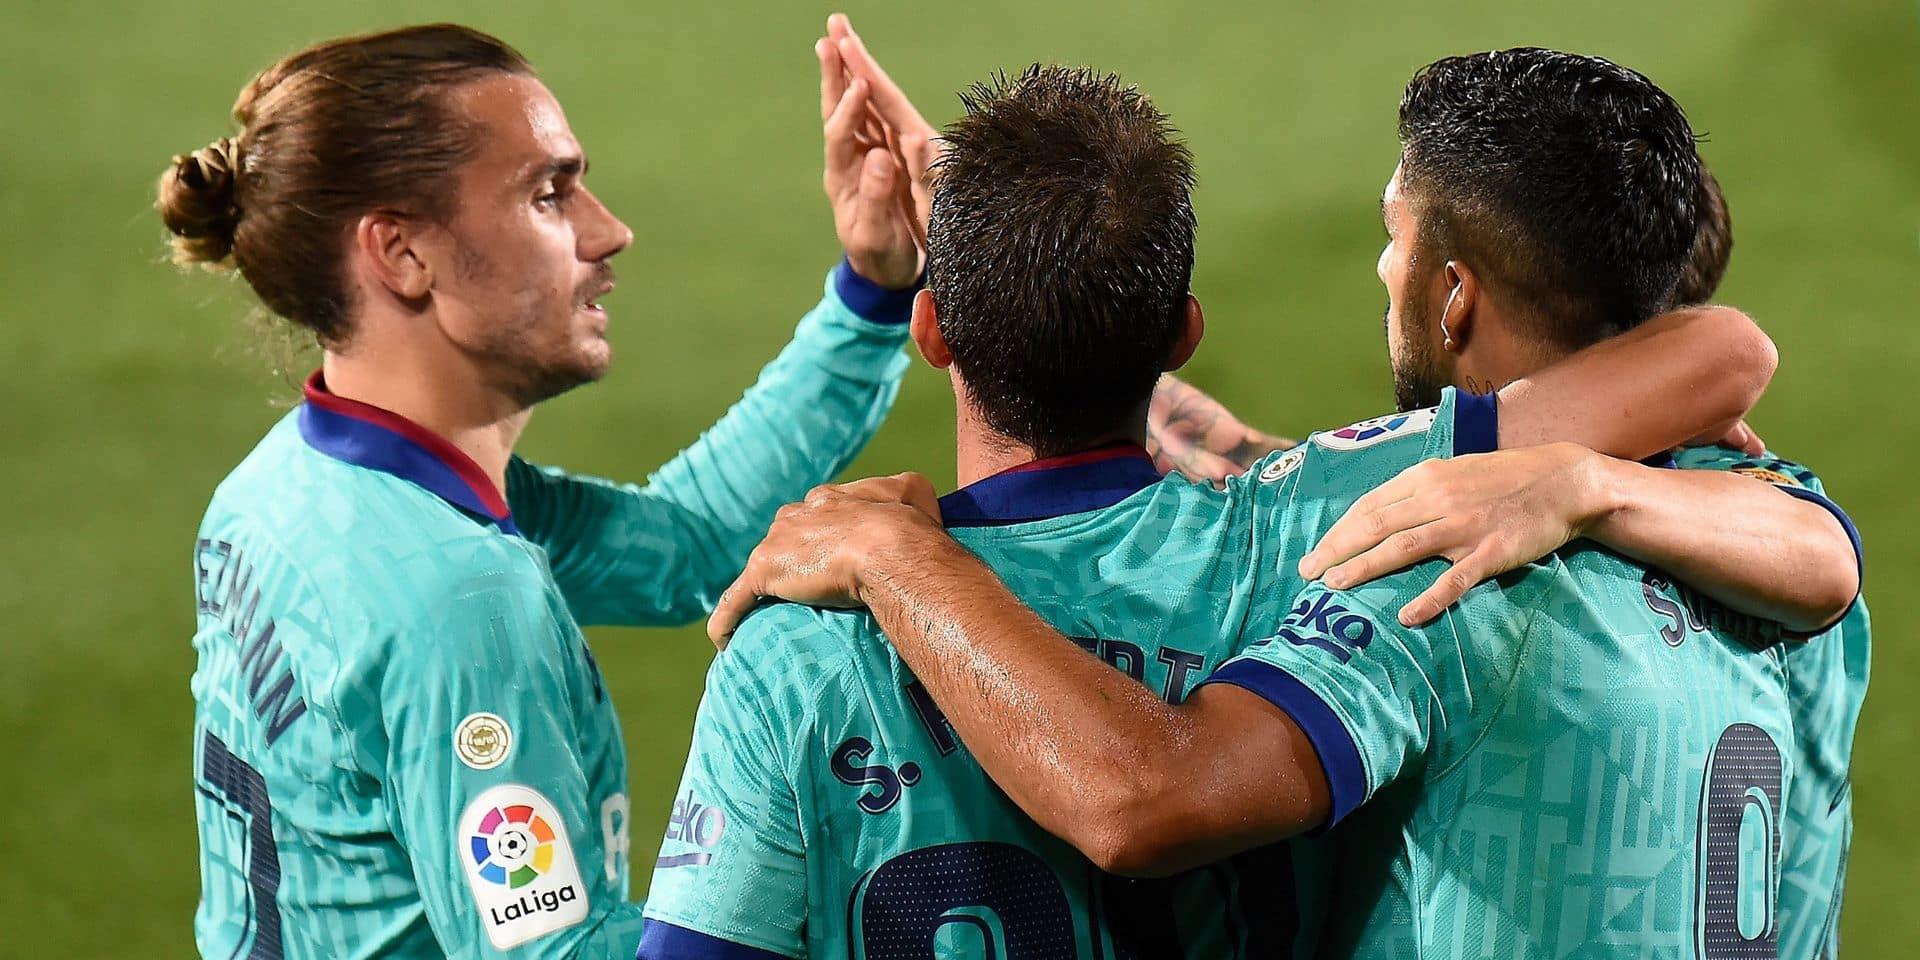 Journal du mercato (01/08): Everton veut un défenseur du Real Madrid, Manchester City lorgne un pilier du Barça